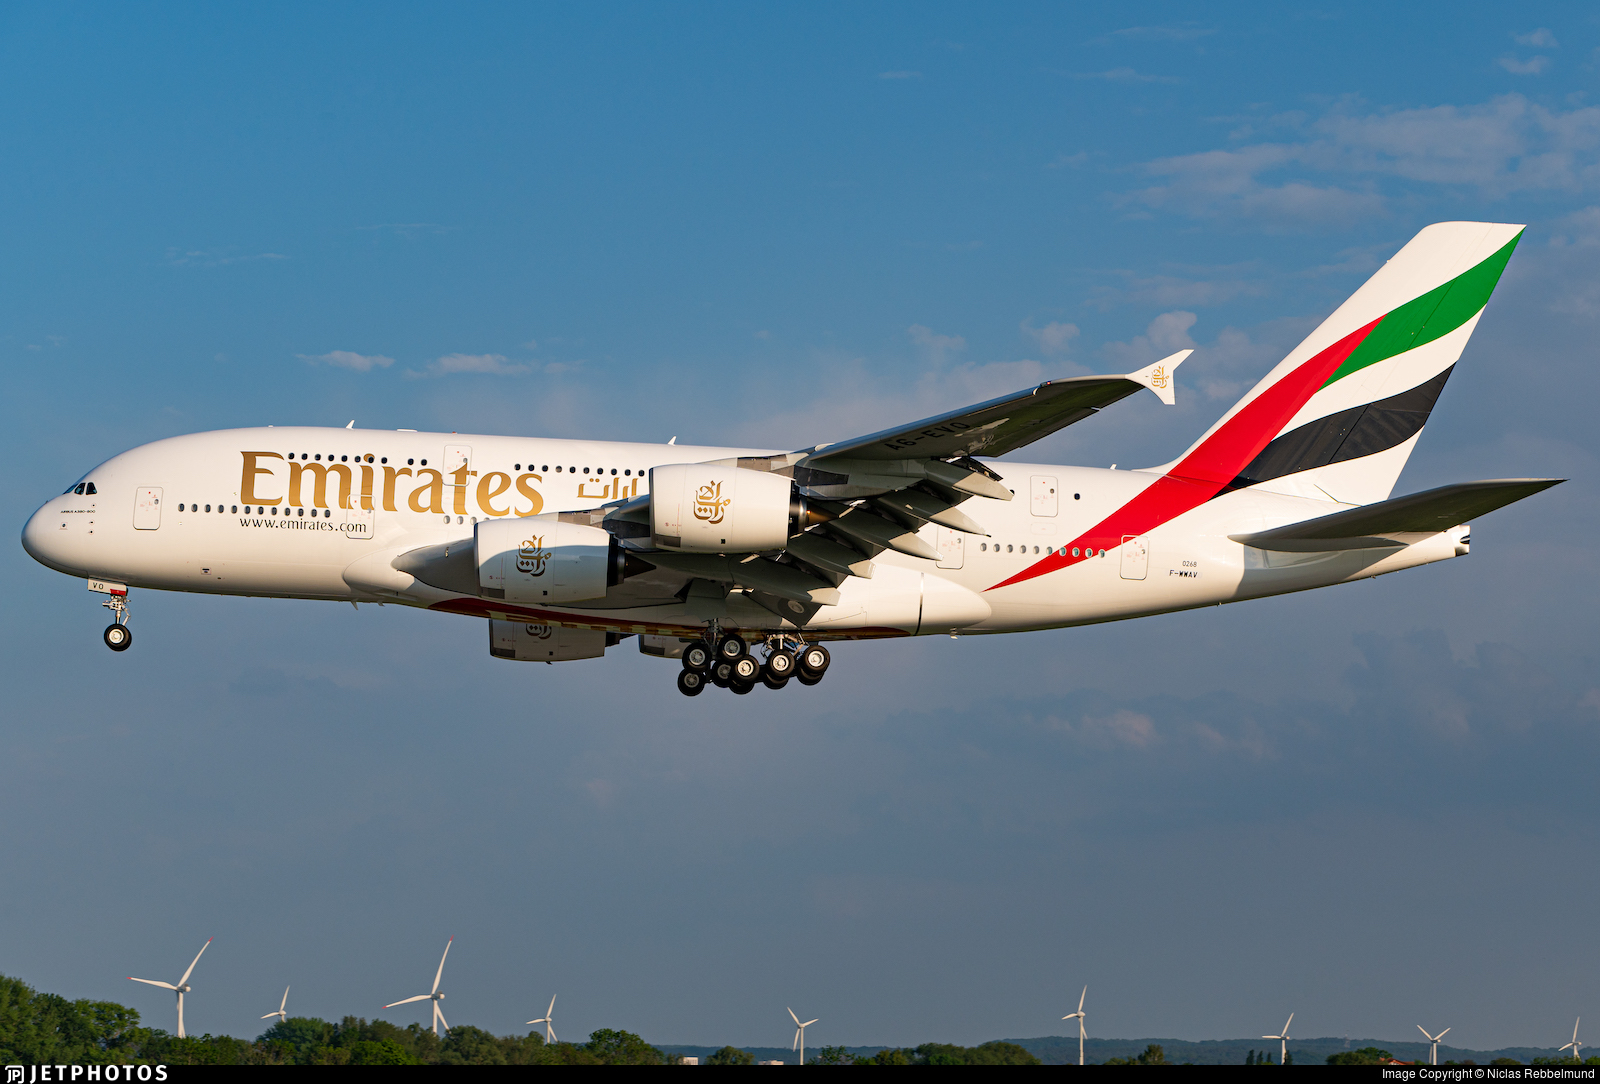 F-WWAV - Airbus A380-842 - Emirates